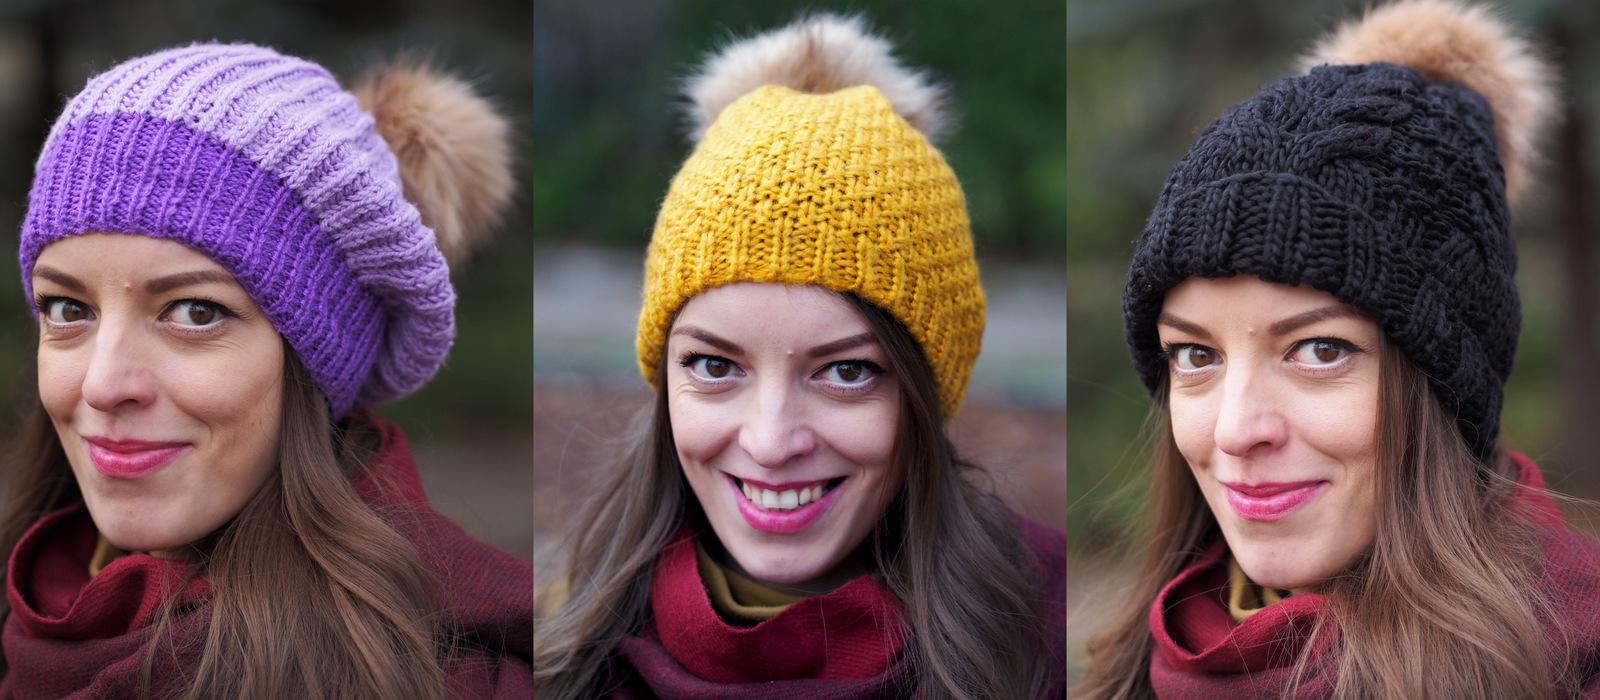 DIY: vyrobte si odnímateľný brmbolec na čiapku  // každý deň v jednej, no trošku inej, čiapke